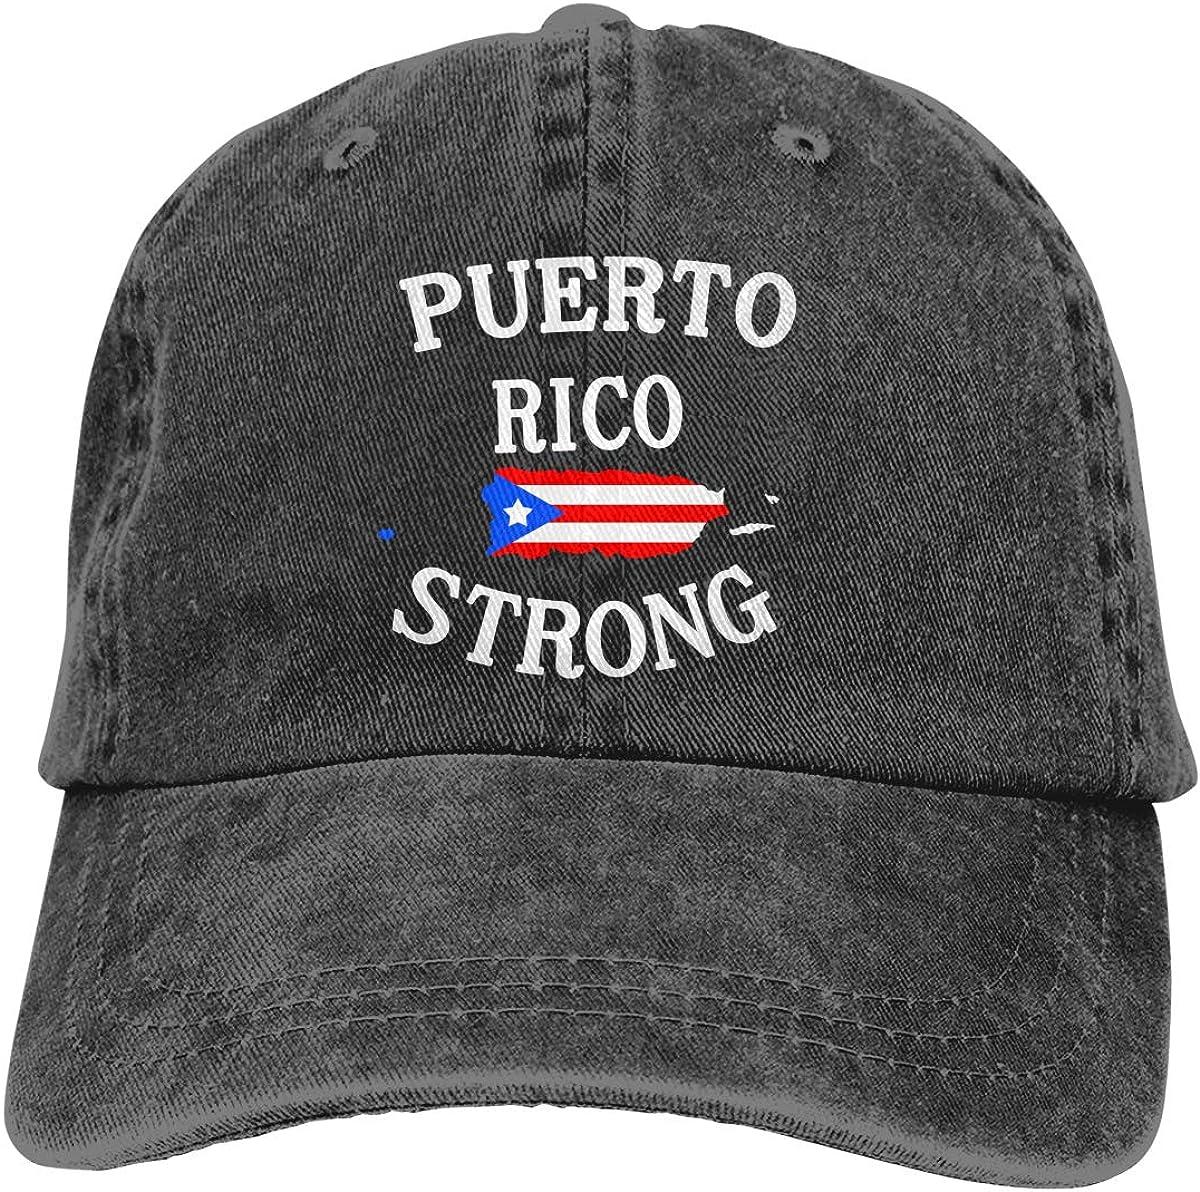 Puerto Rico Flag Plain Adjustable Cowboy Cap Denim Hat for Women and Men